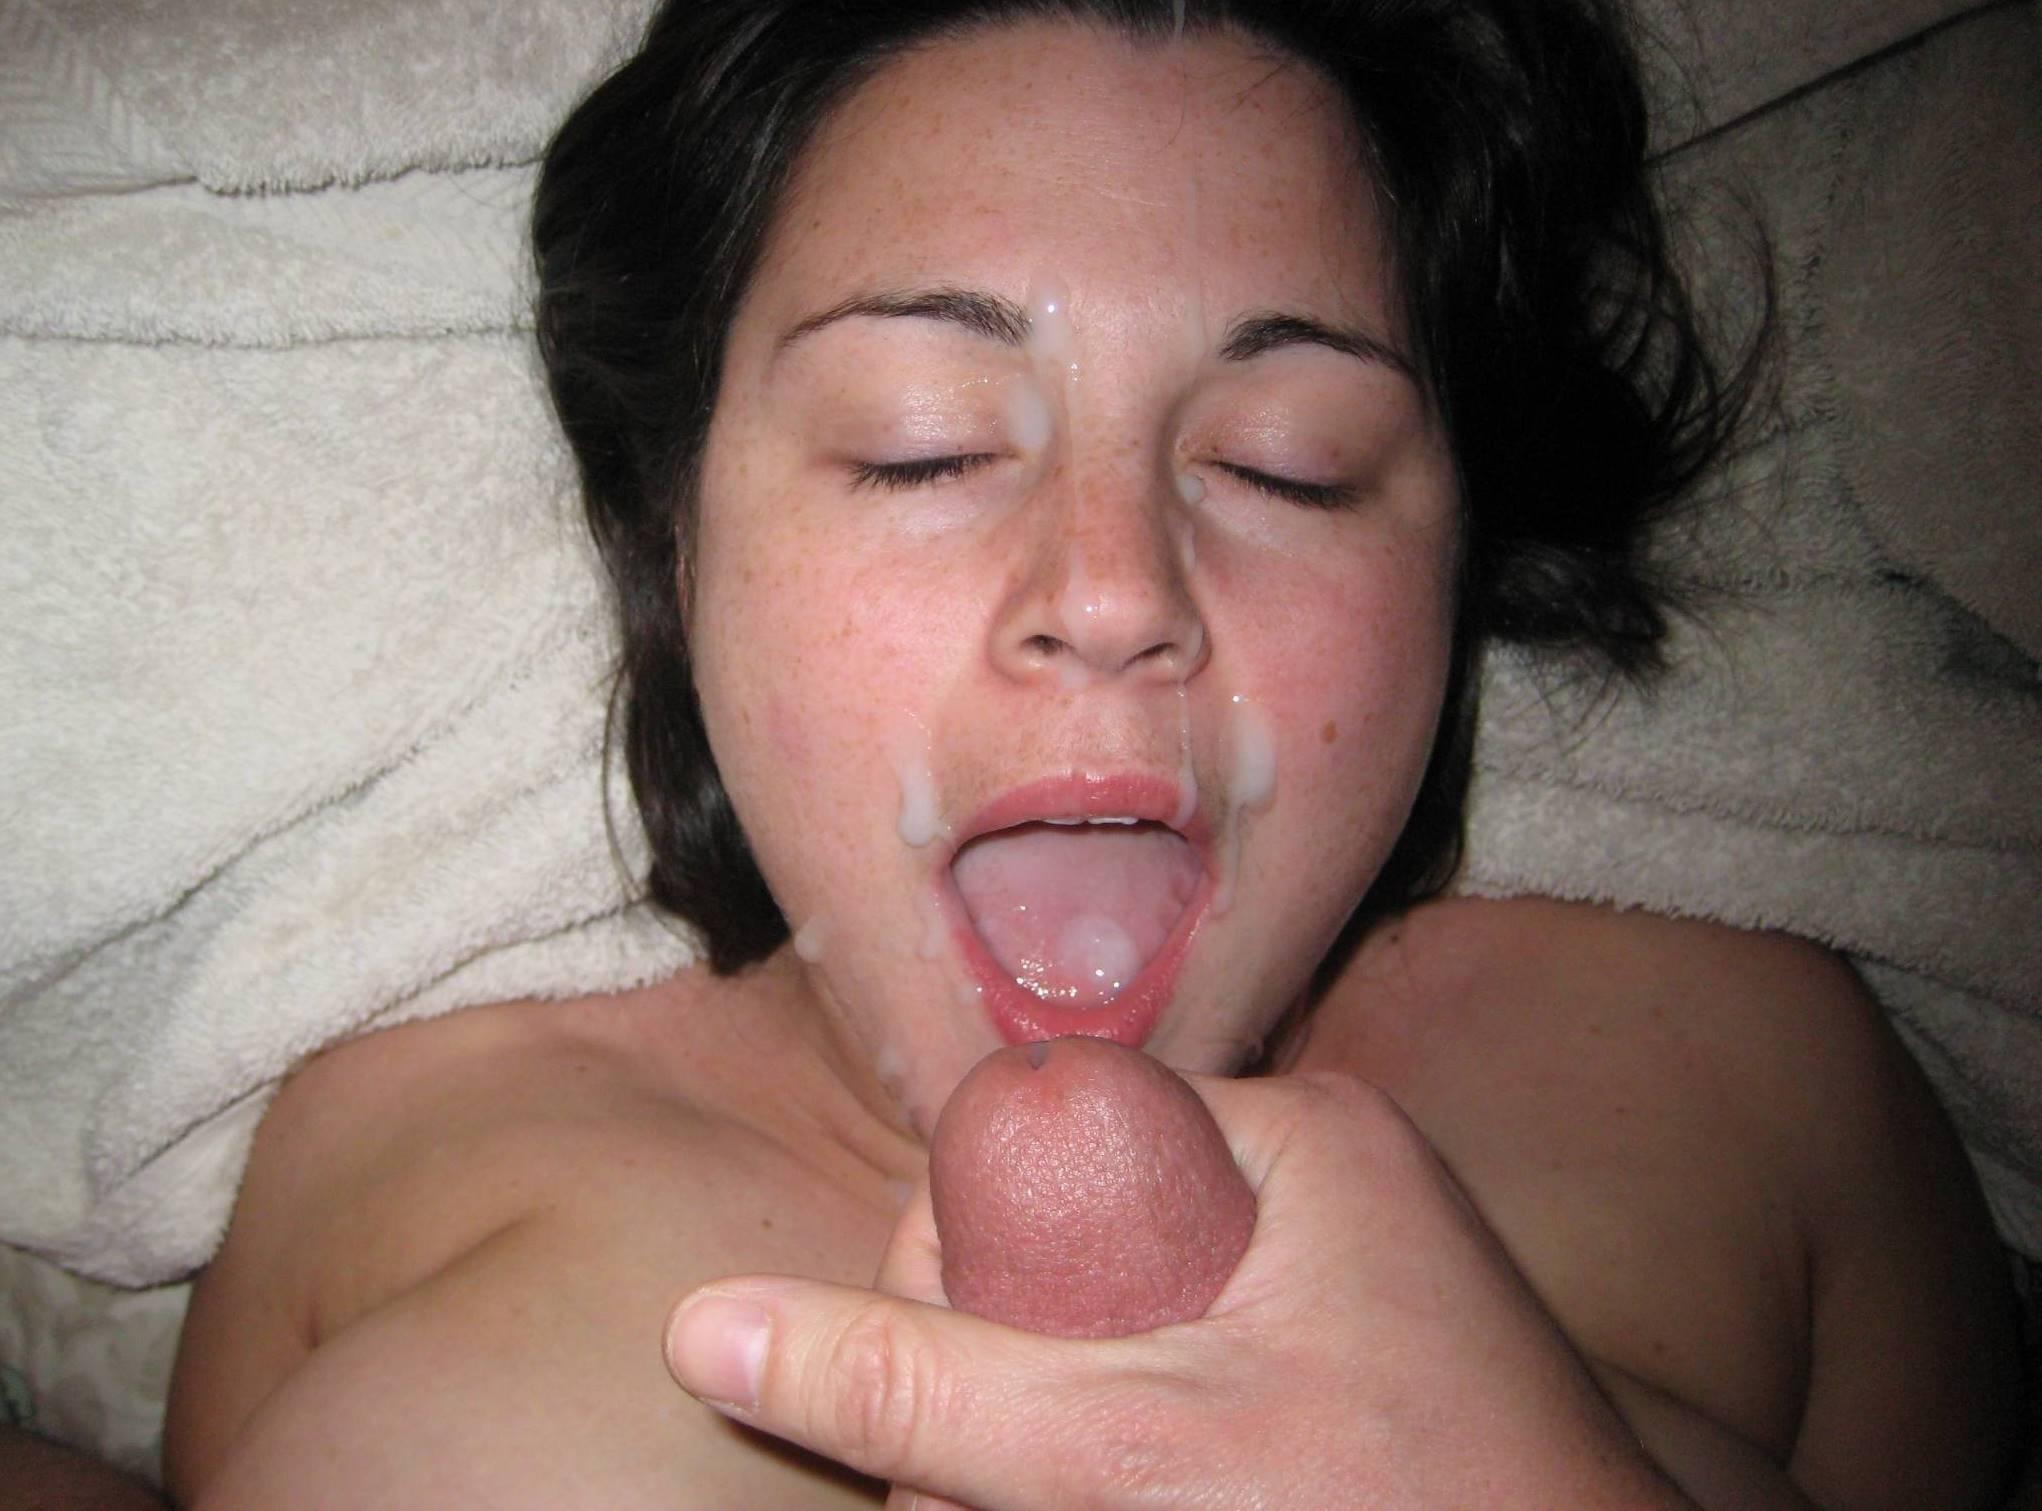 porno-zhena-prosit-chtobi-ey-konchil-na-litso-skomorohova-porno-zvezda